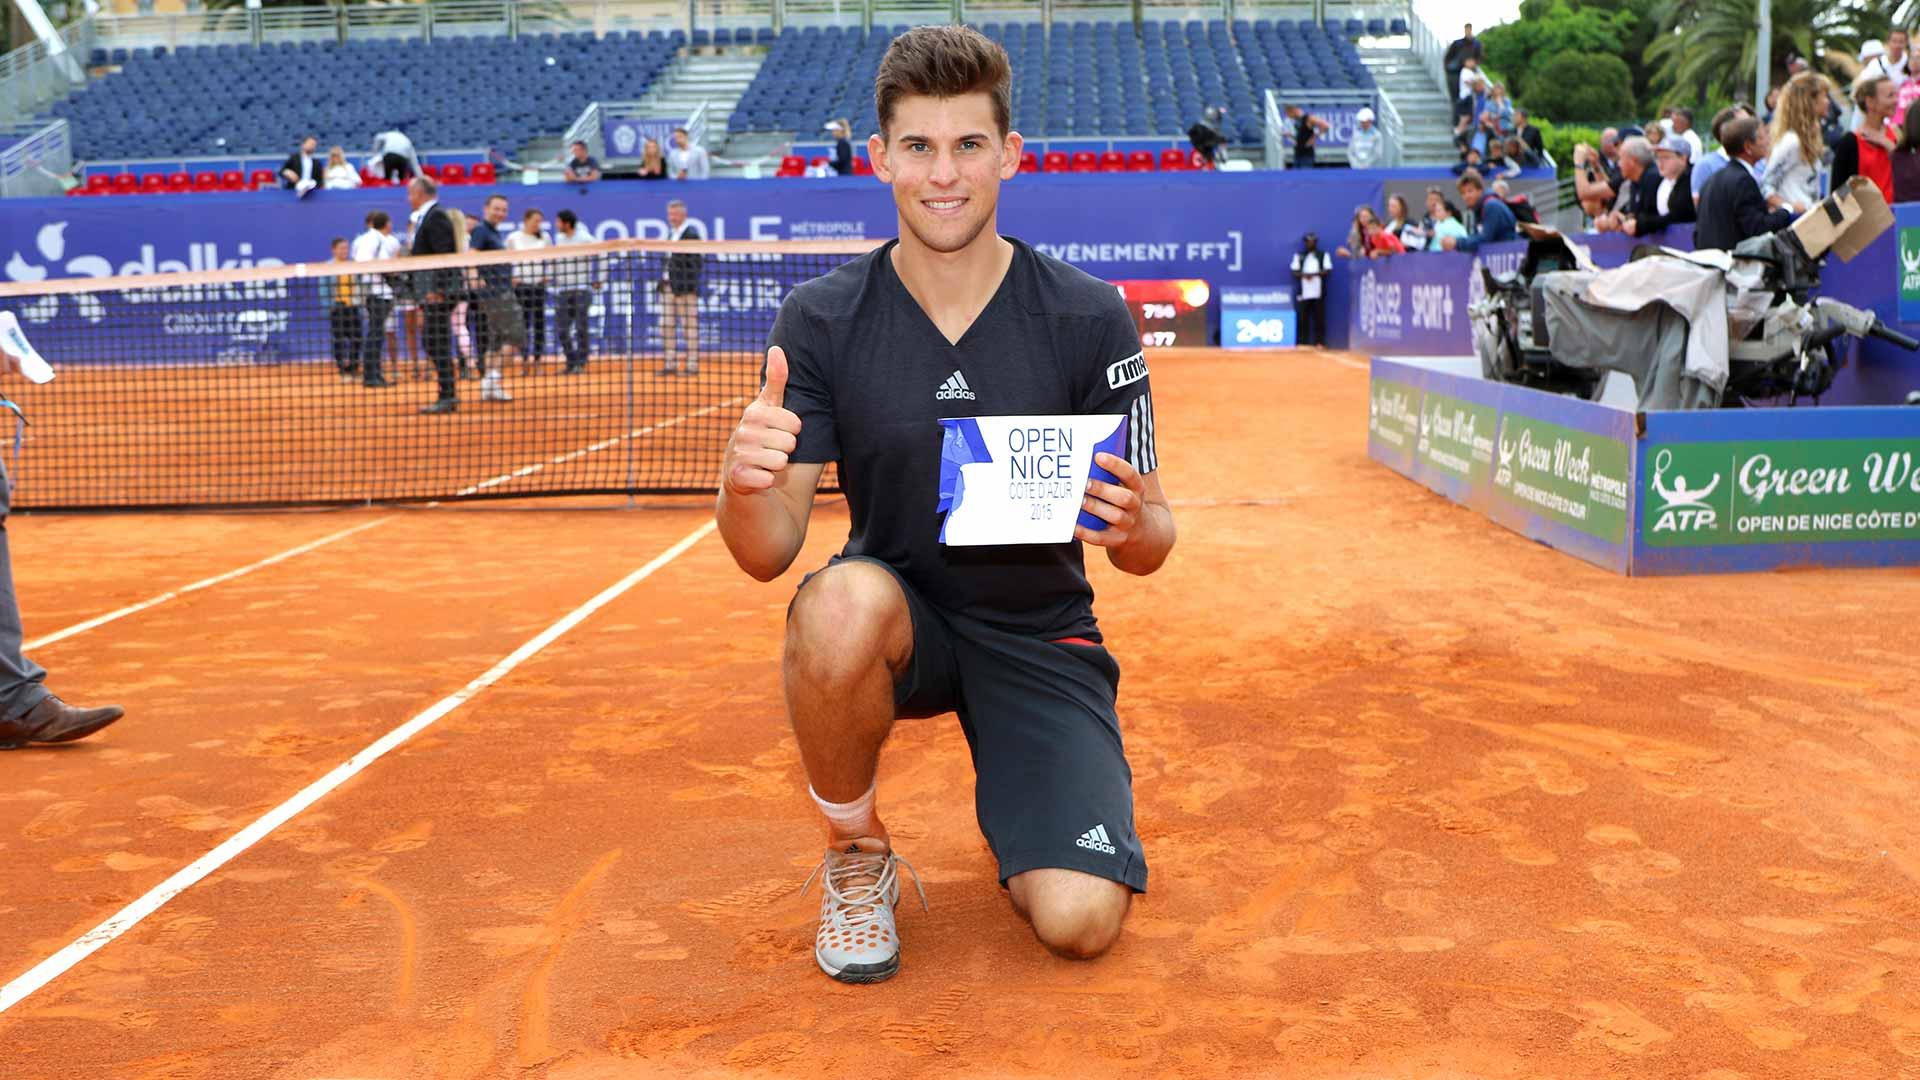 Thiem remporte son premier titre ATP à Nice. © atpworldtour.com